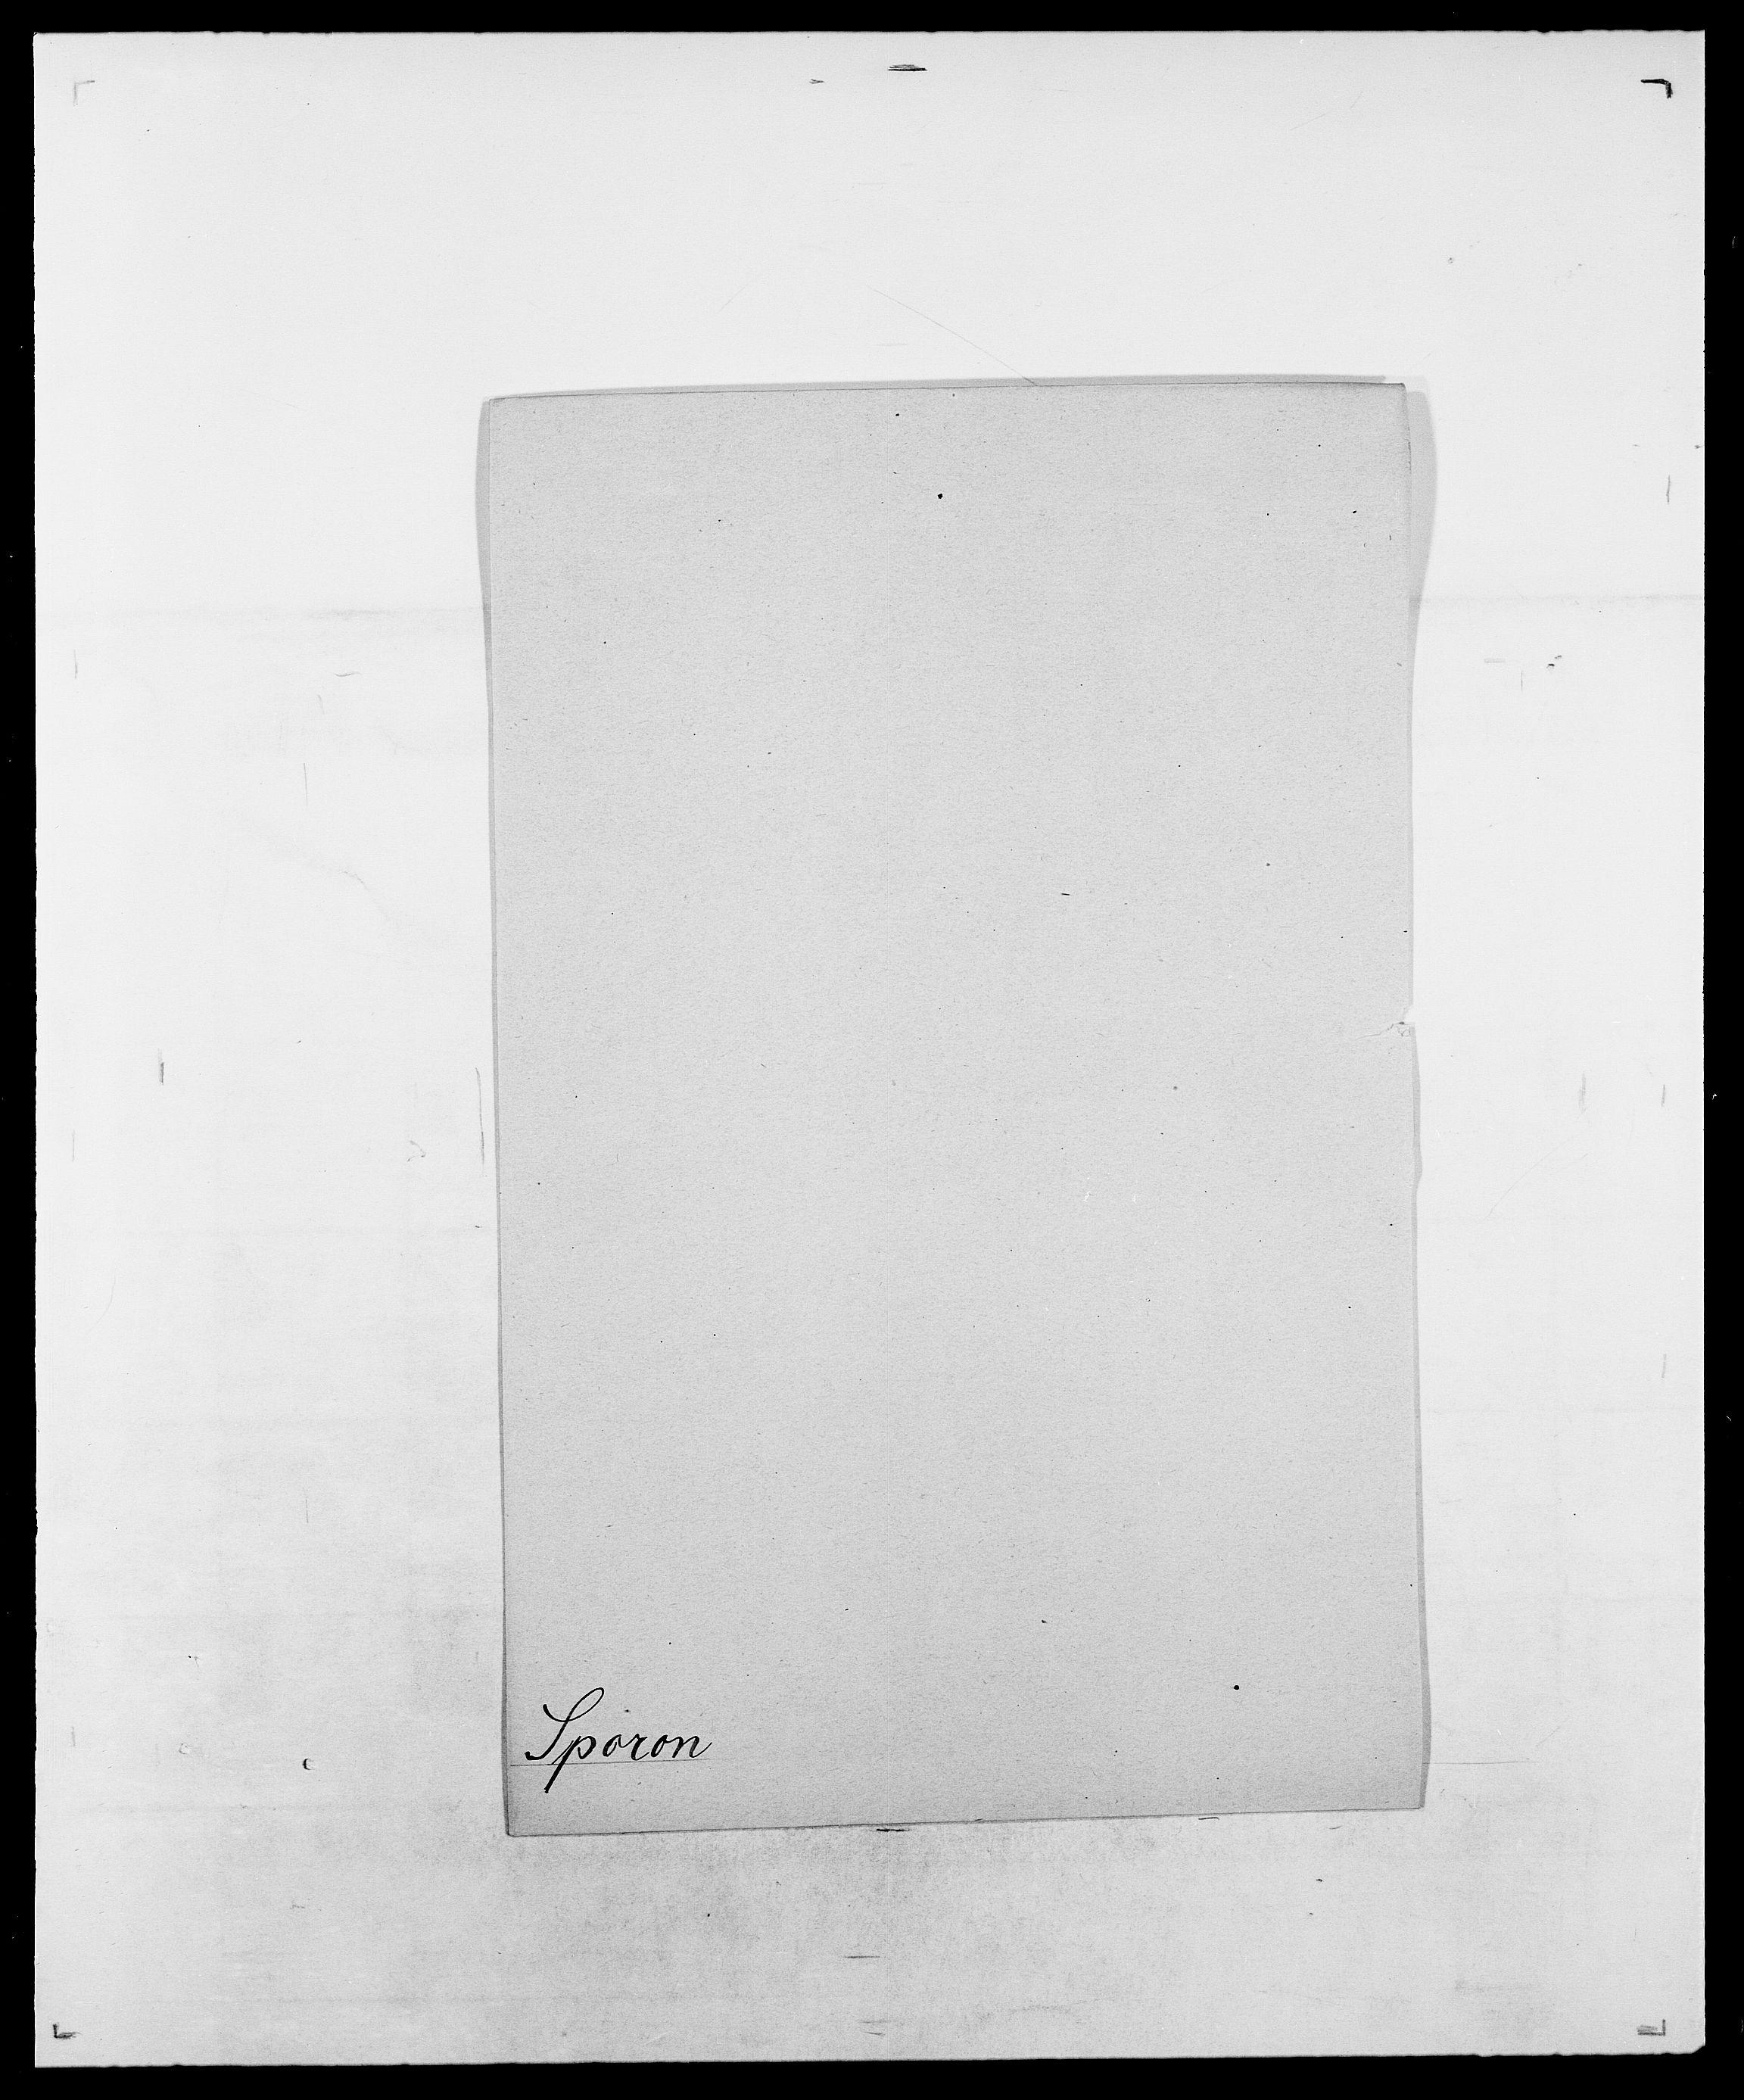 SAO, Delgobe, Charles Antoine - samling, D/Da/L0036: Skaanør - Staverskov, s. 578